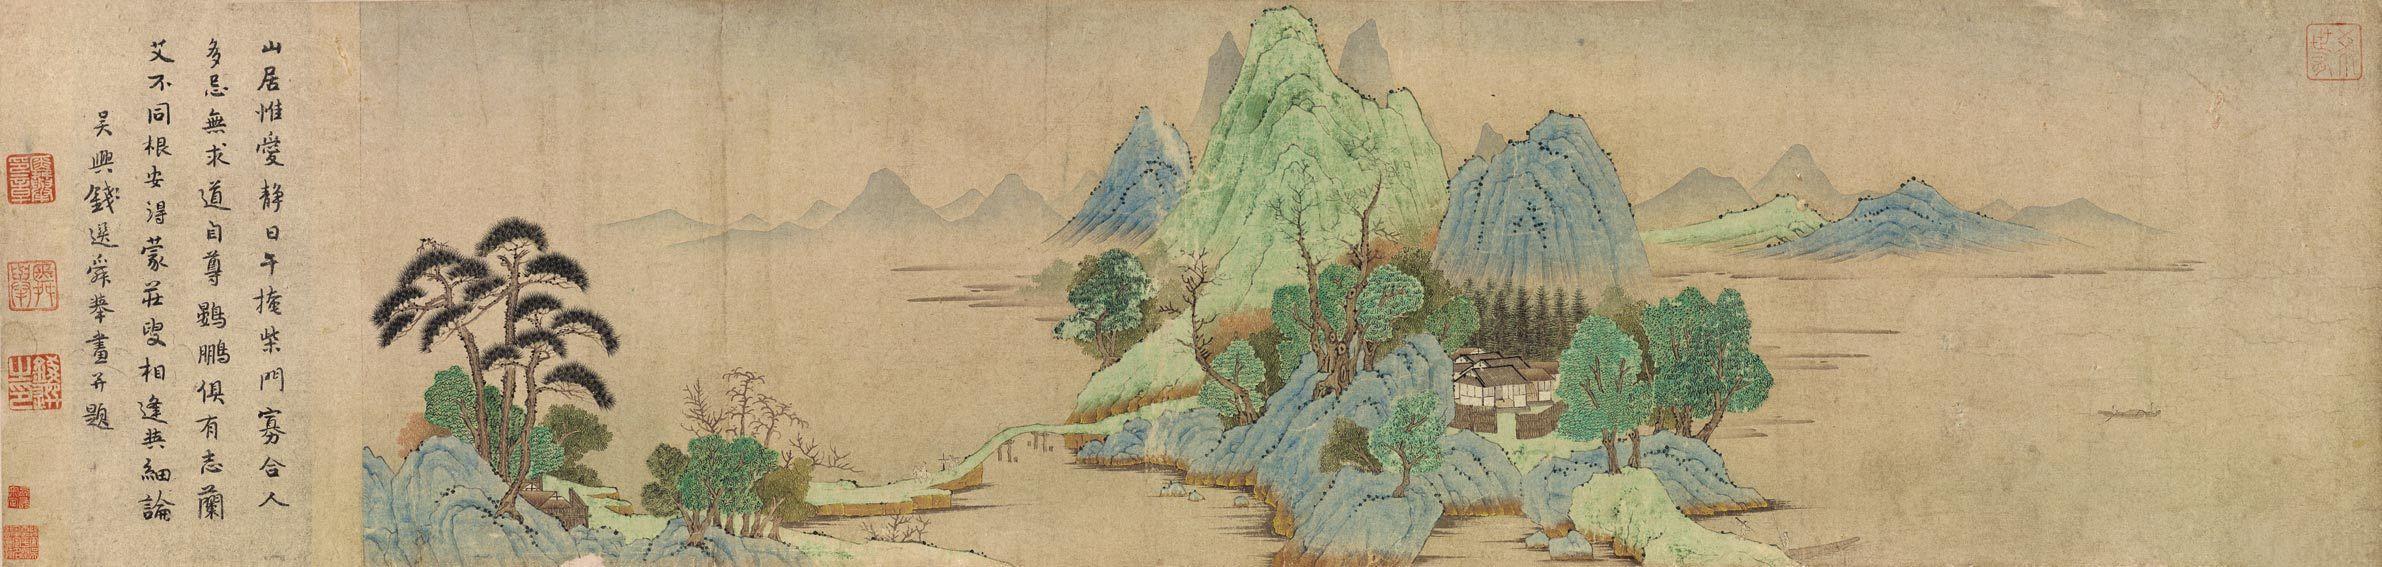 File:4 Qian Xuan. Mountain Hermitage (29,6x98,7cm) Palace Museum ...: commons.wikimedia.org/wiki/File:4_Qian_Xuan._Mountain_Hermitage_(29...